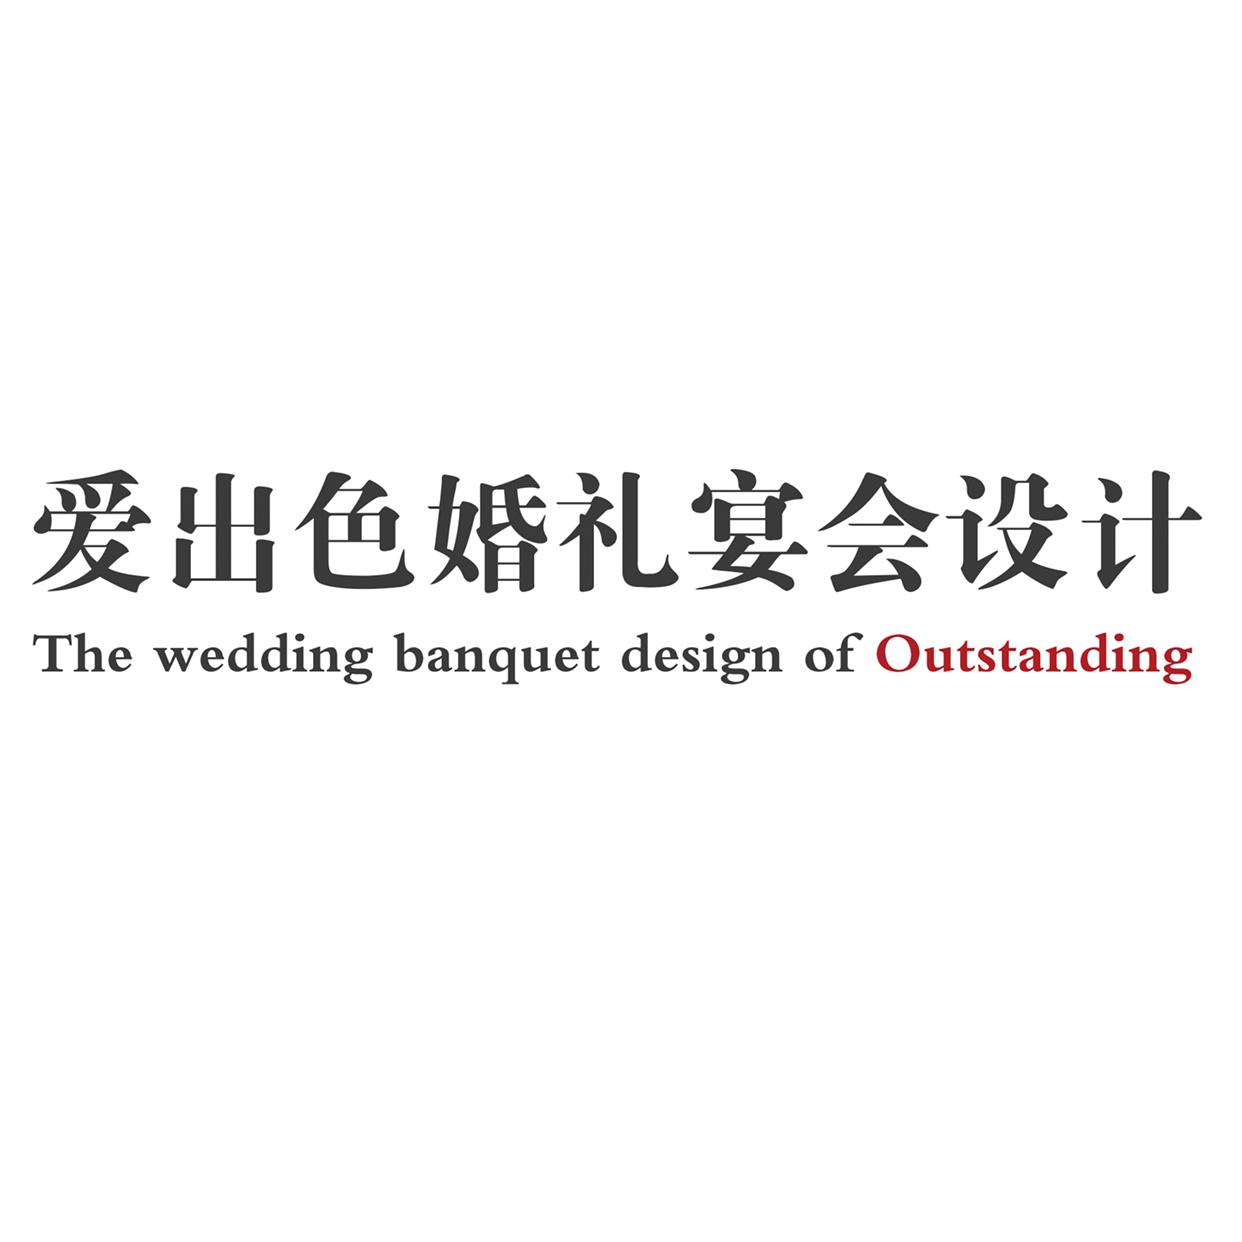 爱出色婚礼宴会设计